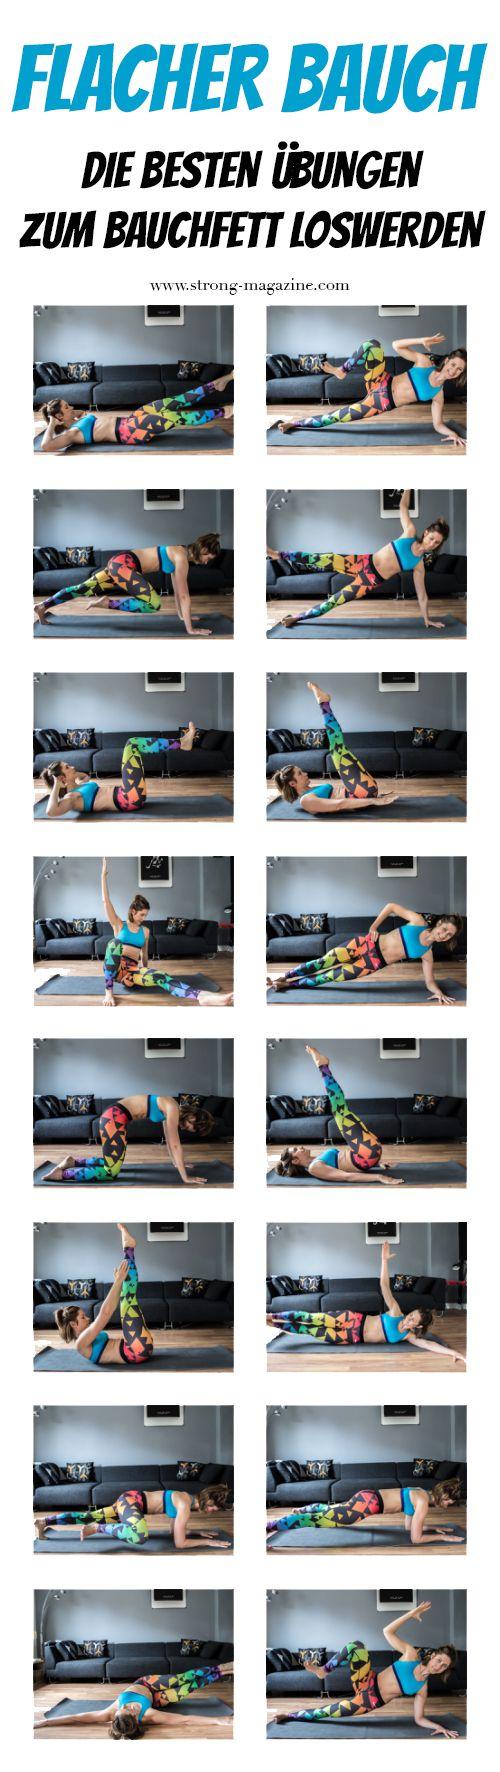 Flacher Bauch - die besten Übungen zum Bauchfett verlieren für Zuhause. Die Nike Leggins gibt es hier: http://go.nike.com/betruetights